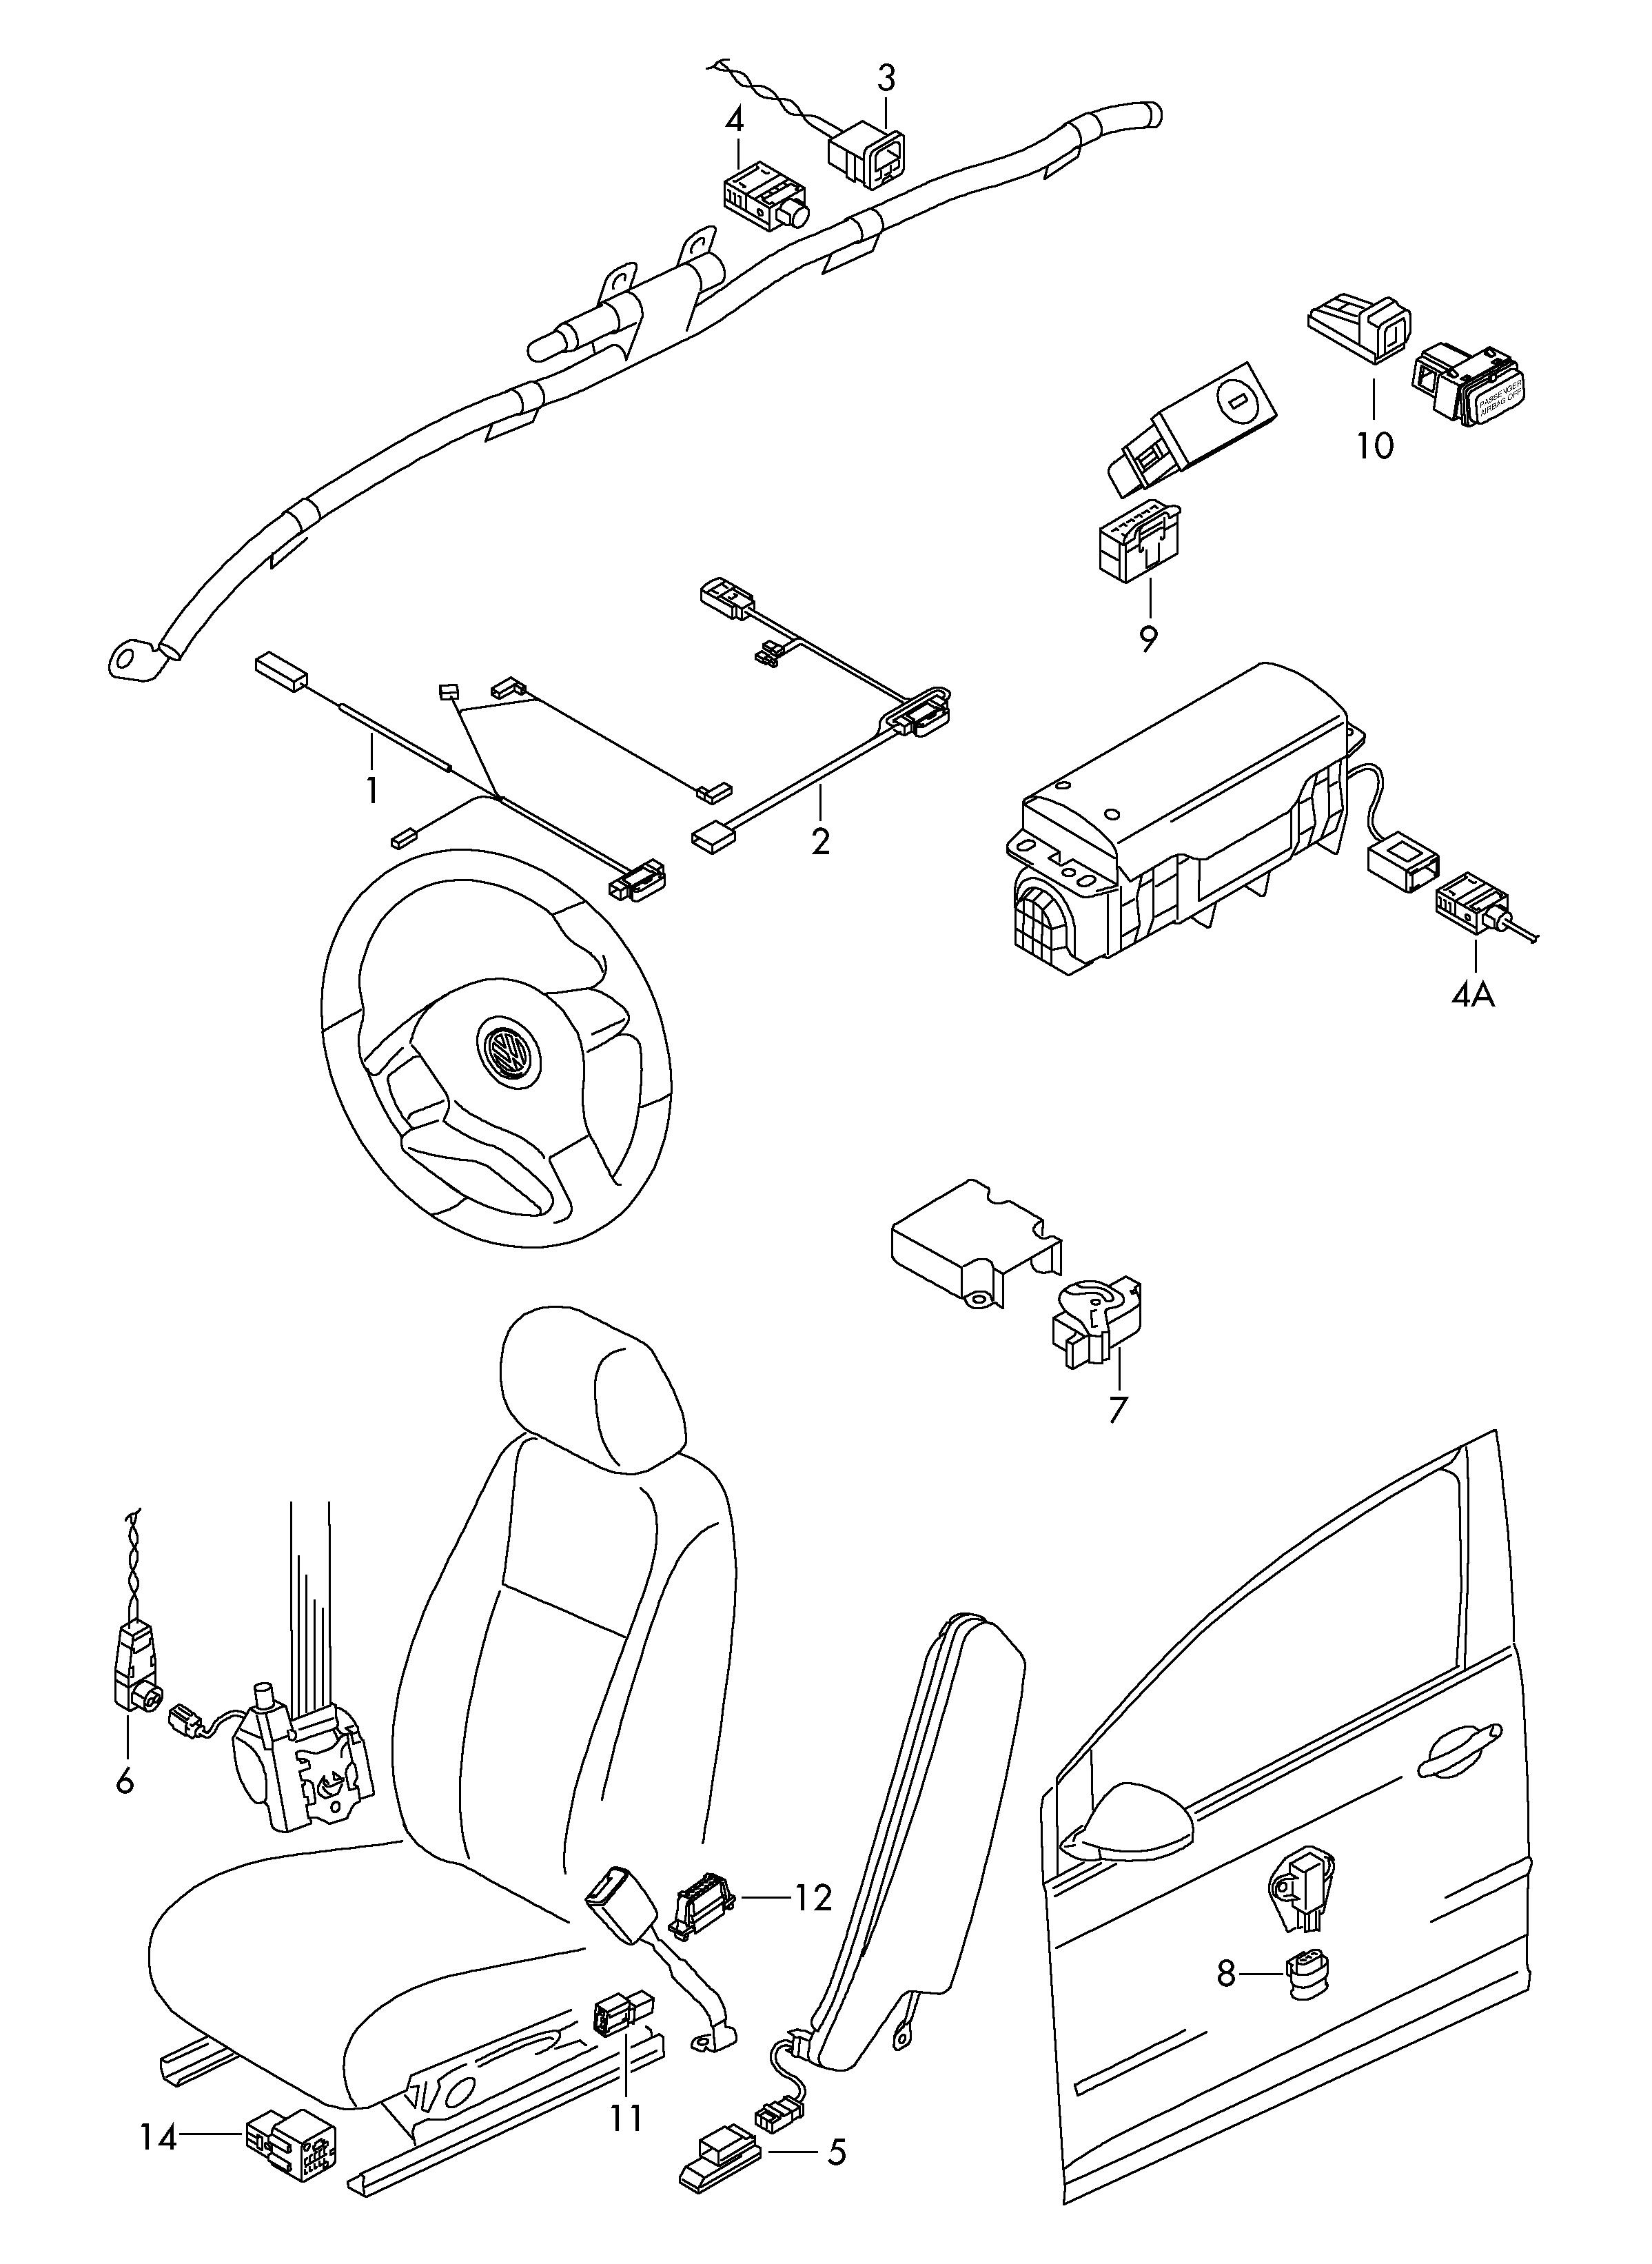 volkswagen tiguan  2012 - 2017